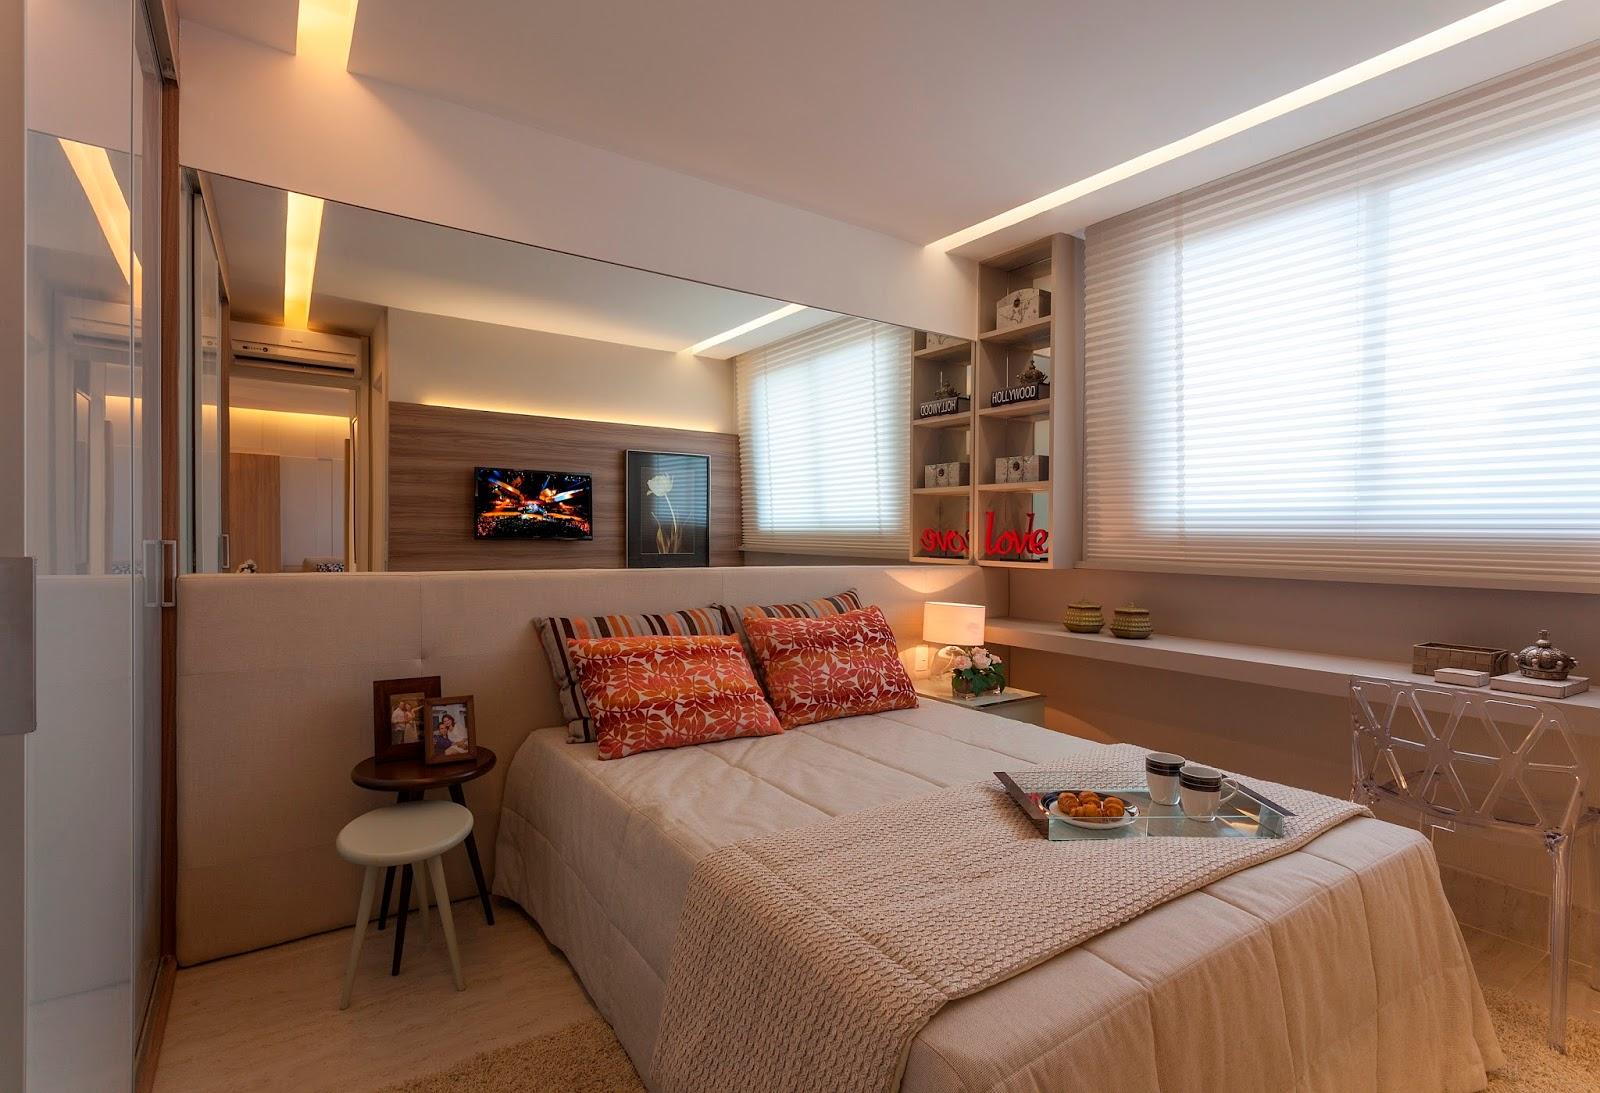 Dicas para visitar um apartamento decorado sem erro dica da arquiteta - Fotos de lofts decorados ...